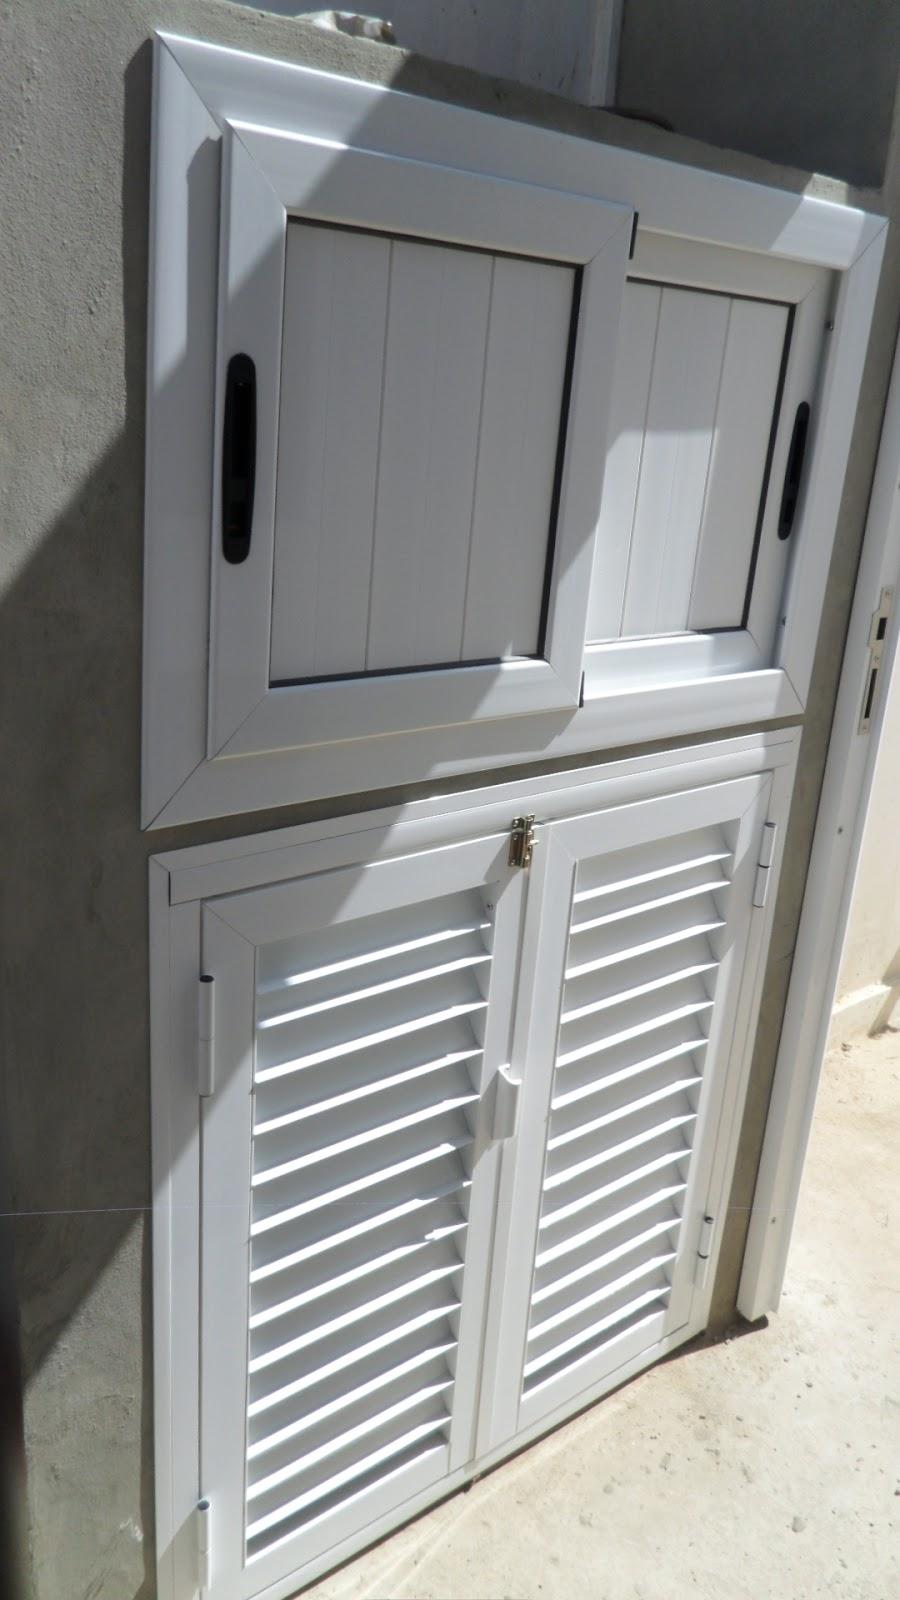 Puertas y ventanas punto fijo ventana tipo caroni con for Tipos de aluminio para ventanas